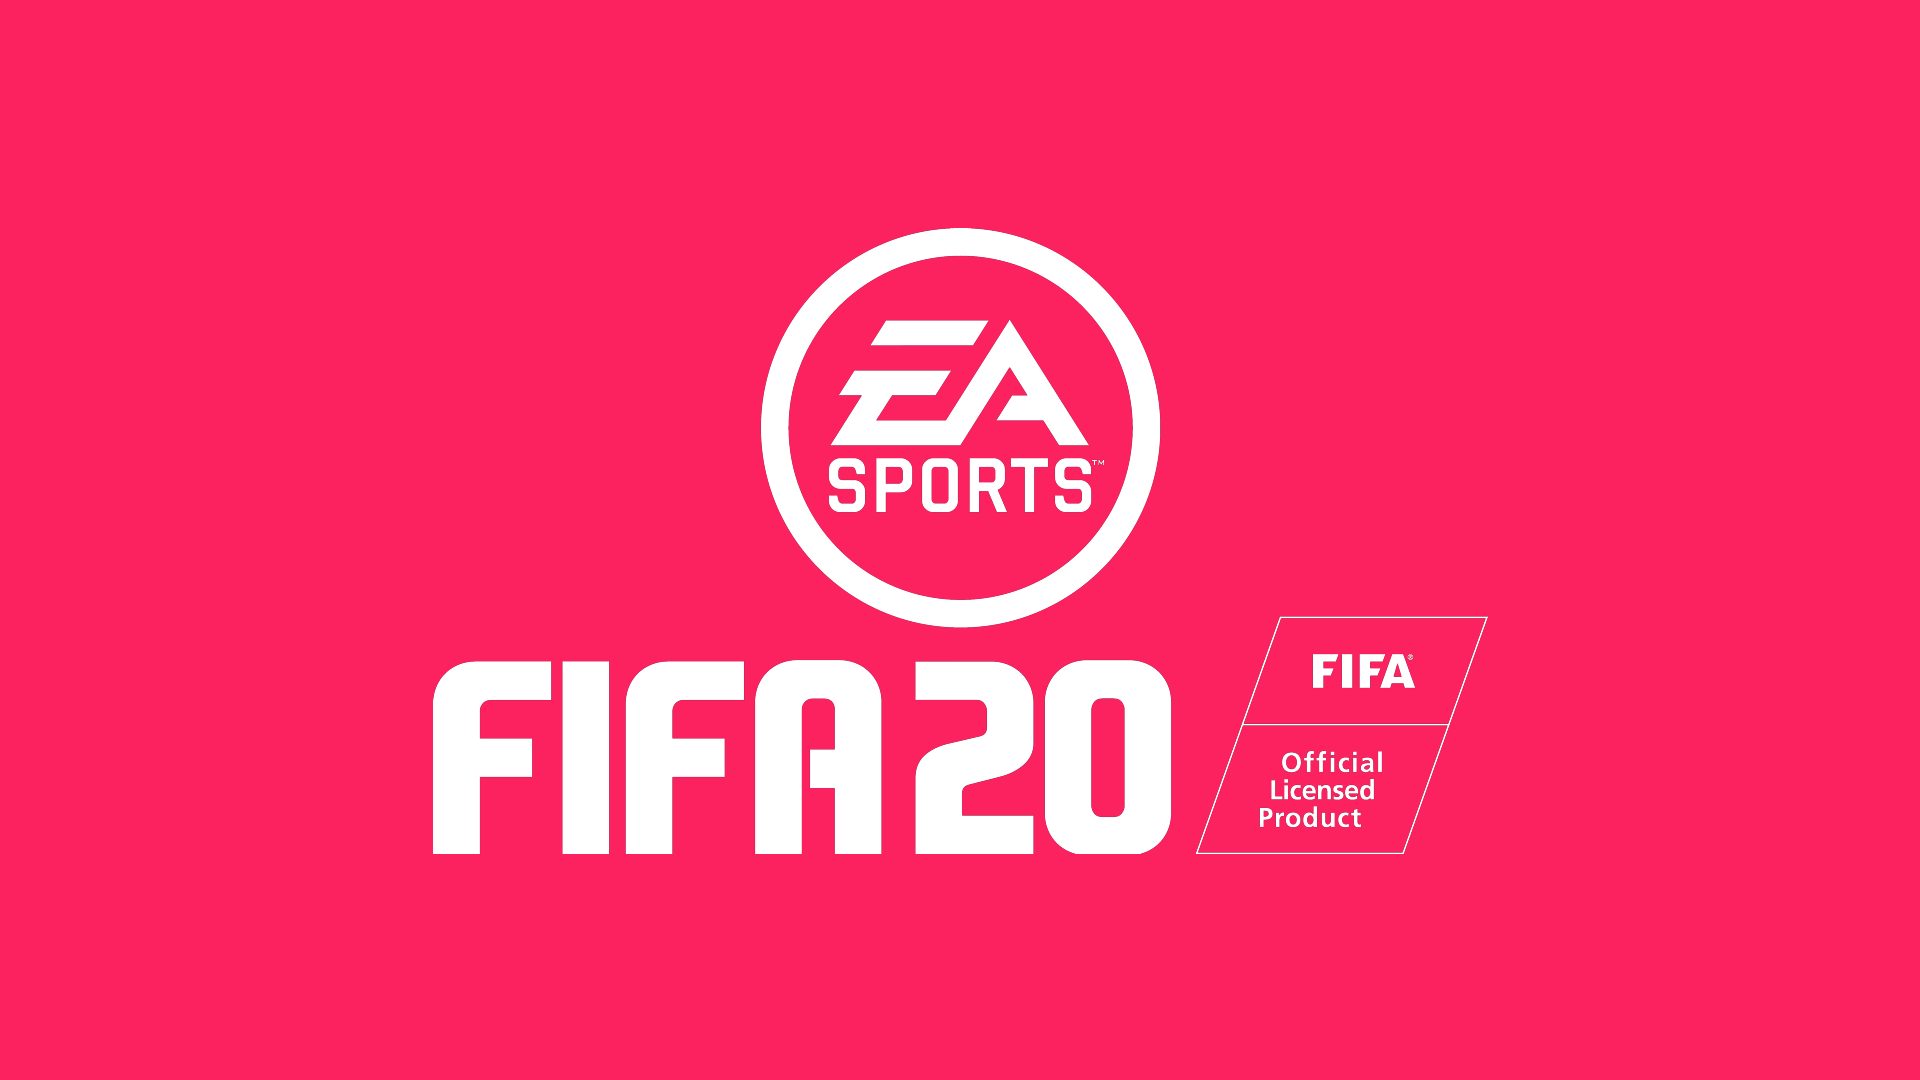 متطلبات تشغيل لعبة Fifa 20 أخبار ألعاب الفيديو North